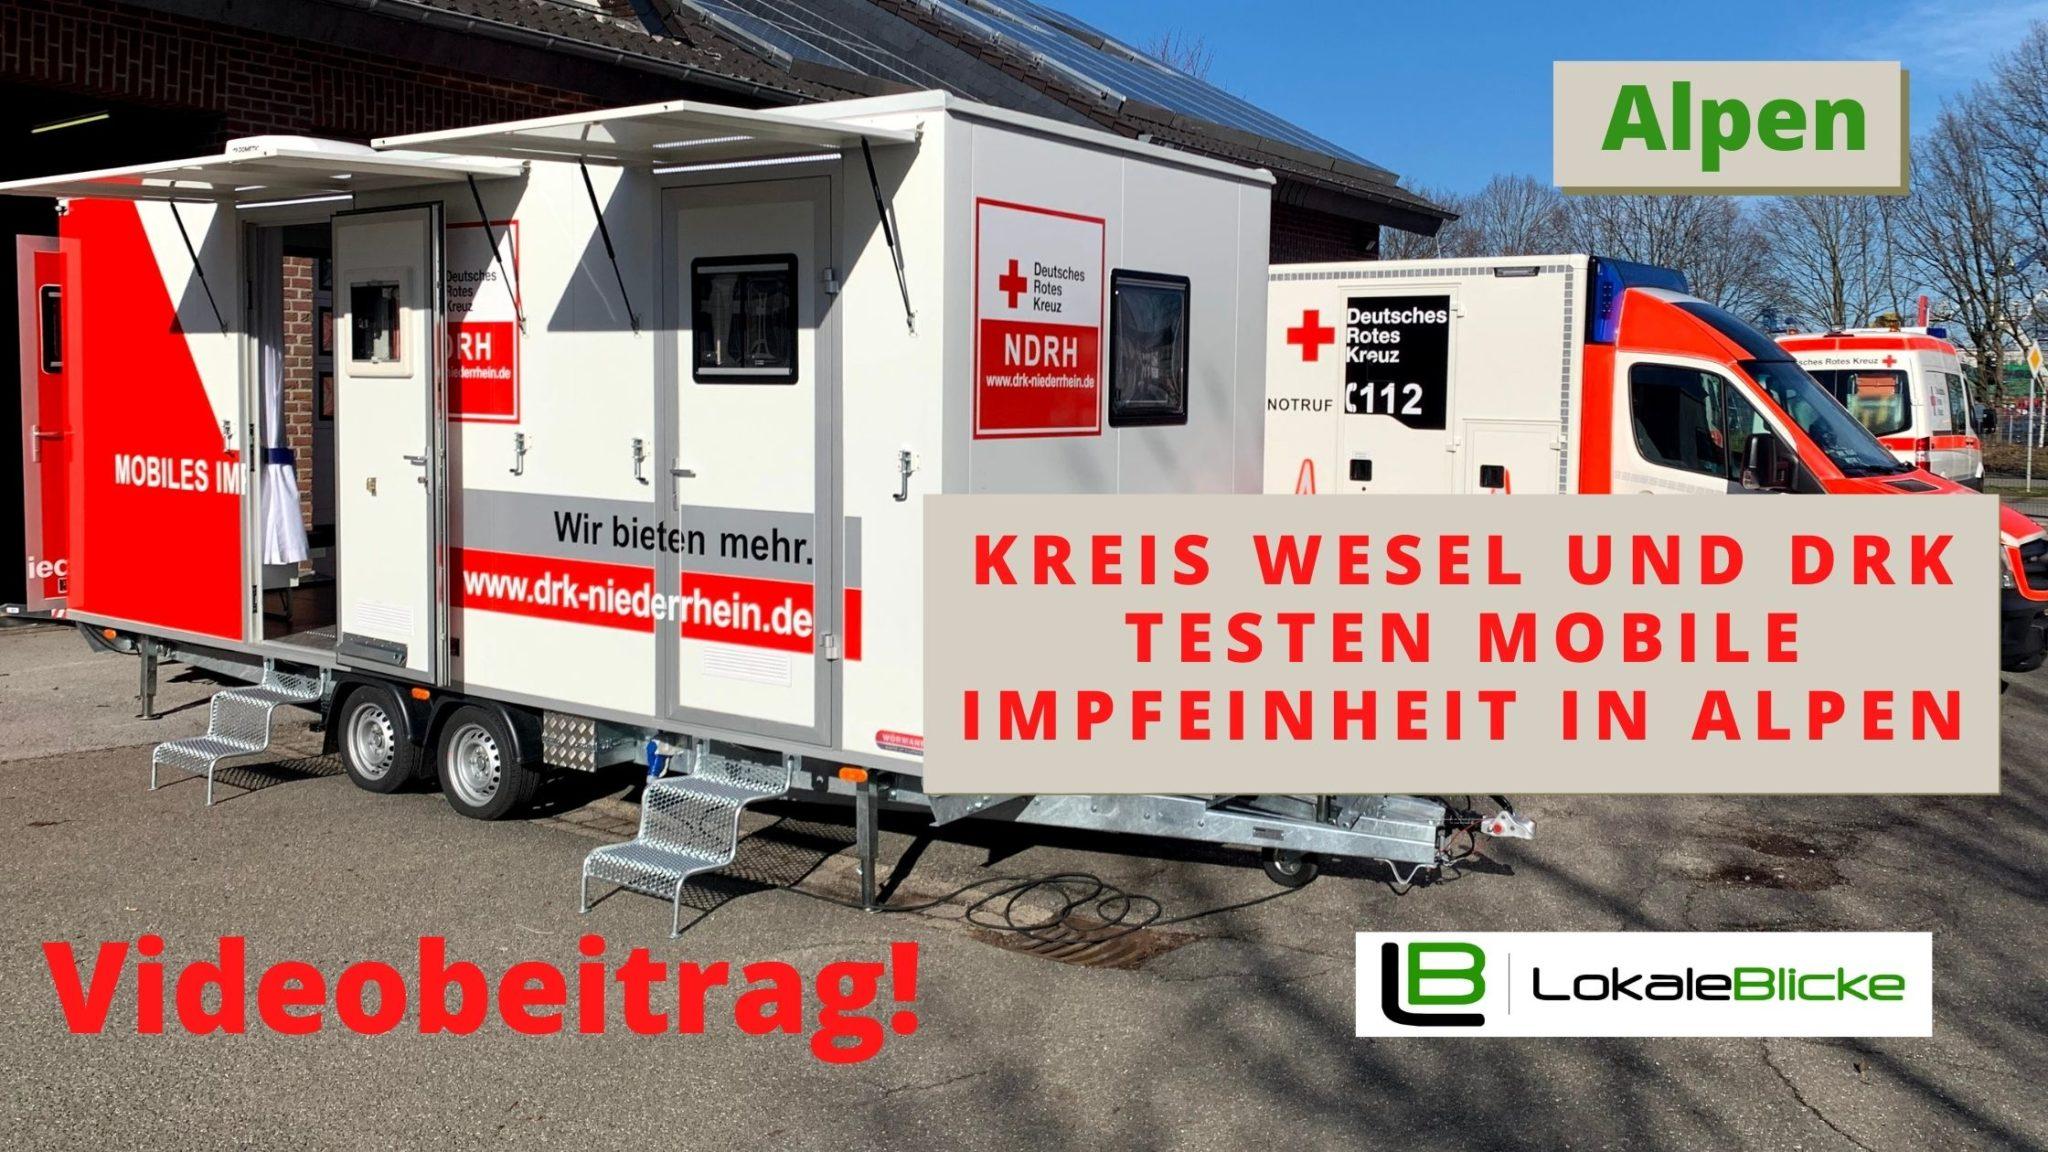 Kreis Wesel und DRK testen mobile Impfeinheit in Alpen